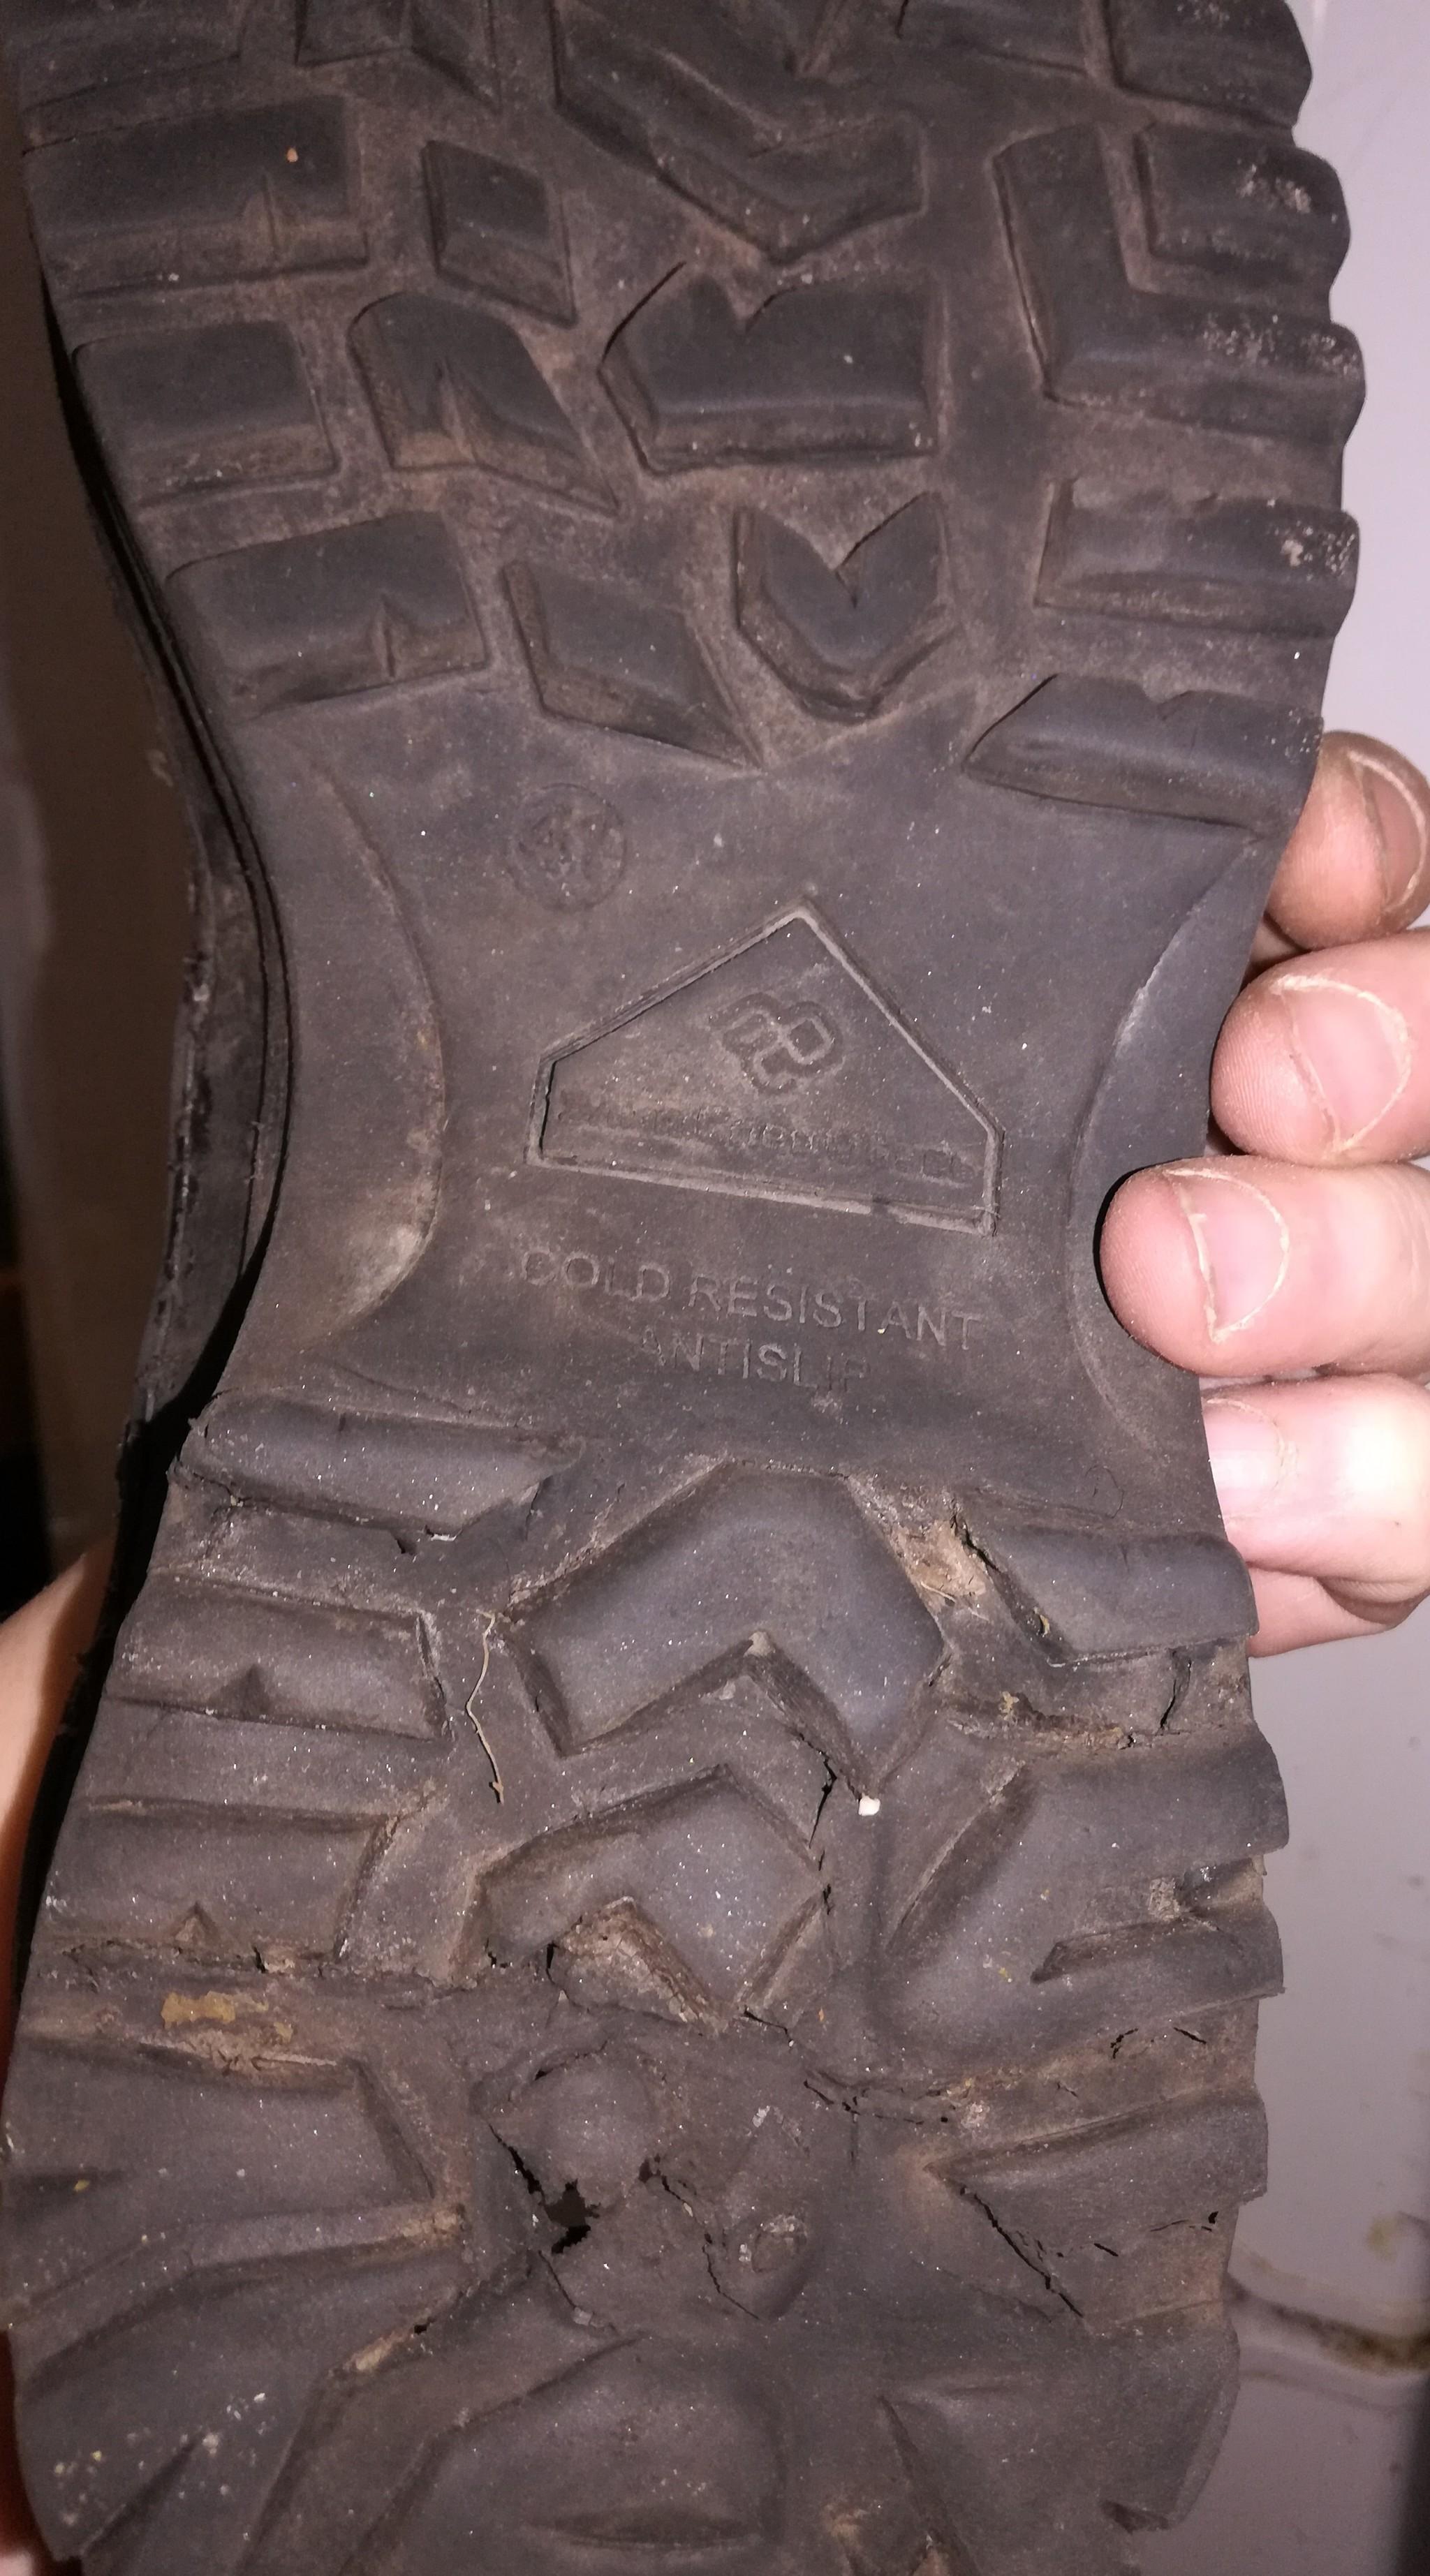 Качество по-новому Обувь, Недоумение, Негатив, Качество, Длиннопост